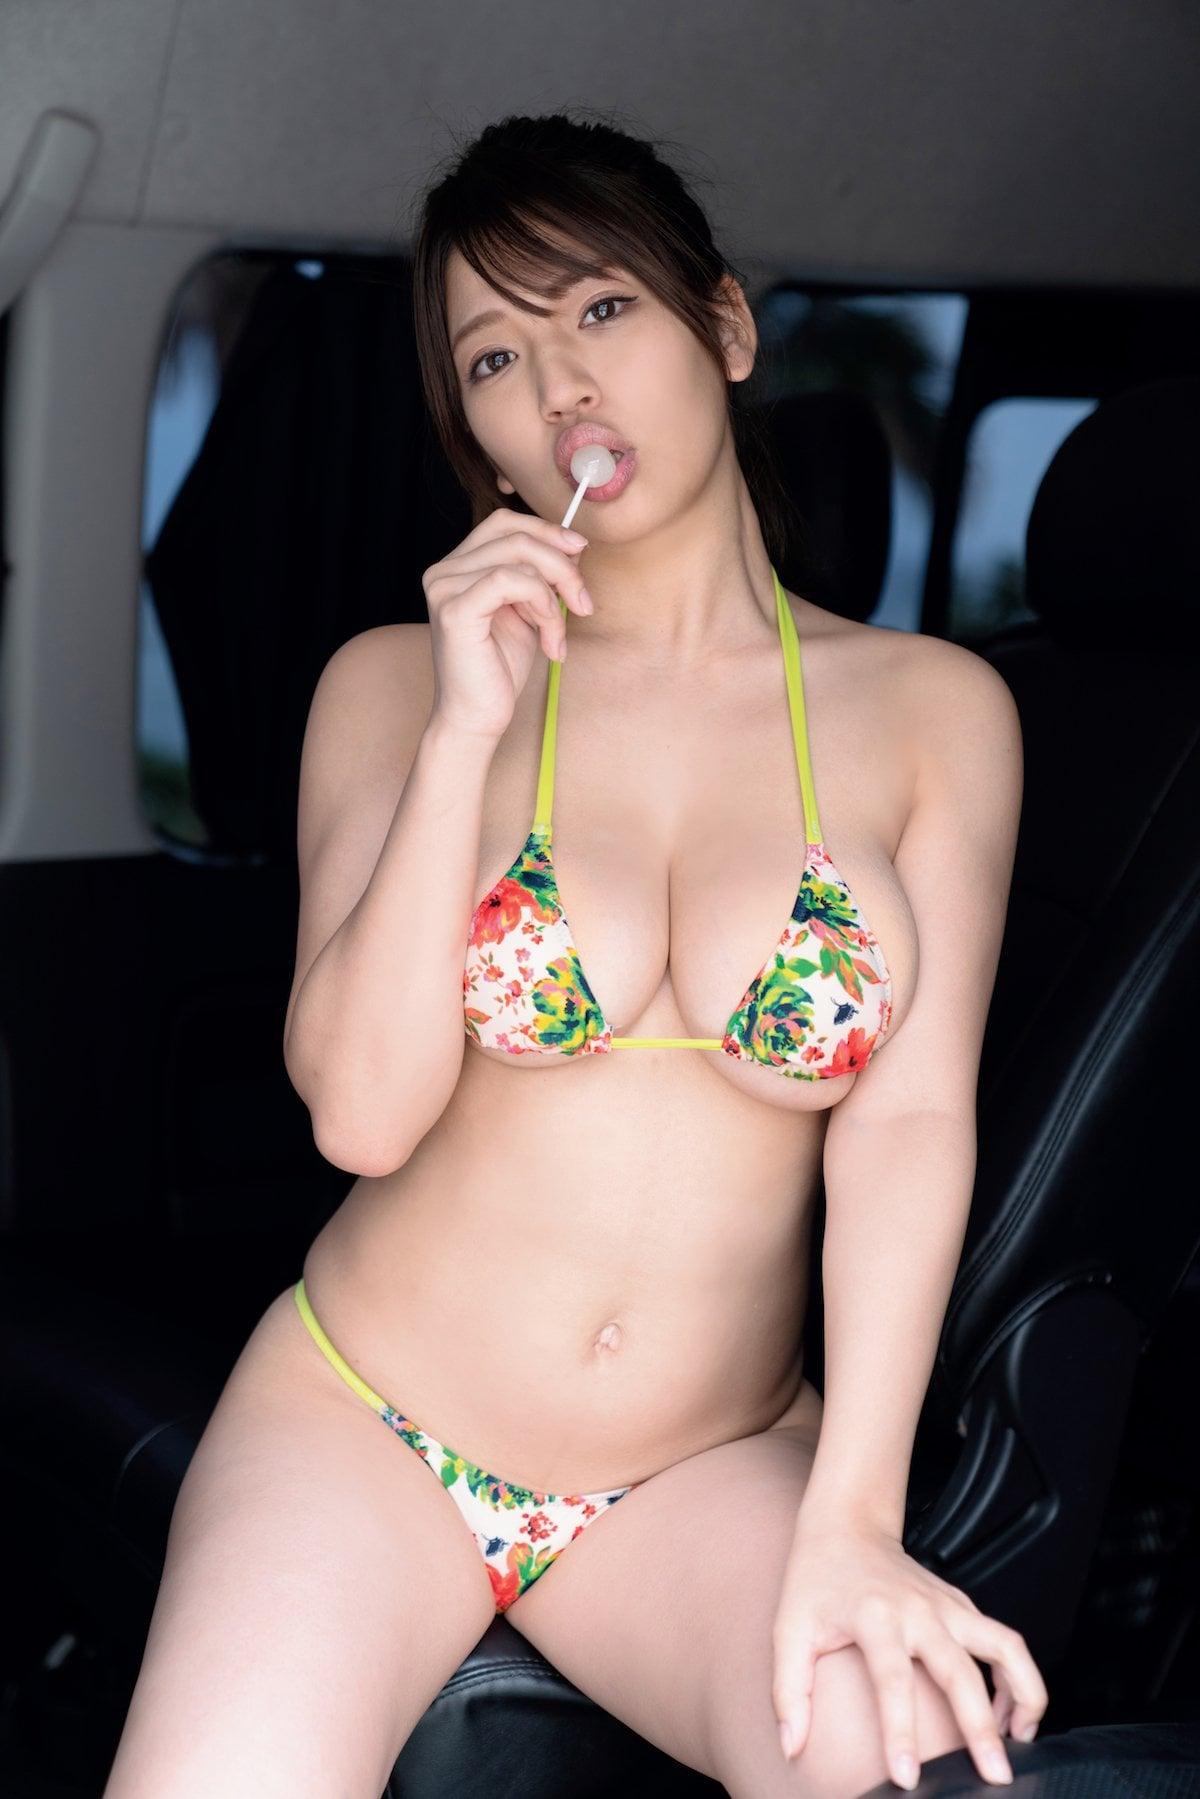 藤乃あおい「加賀百万石バスト」100センチIカップが躍動!【画像9枚】の画像009